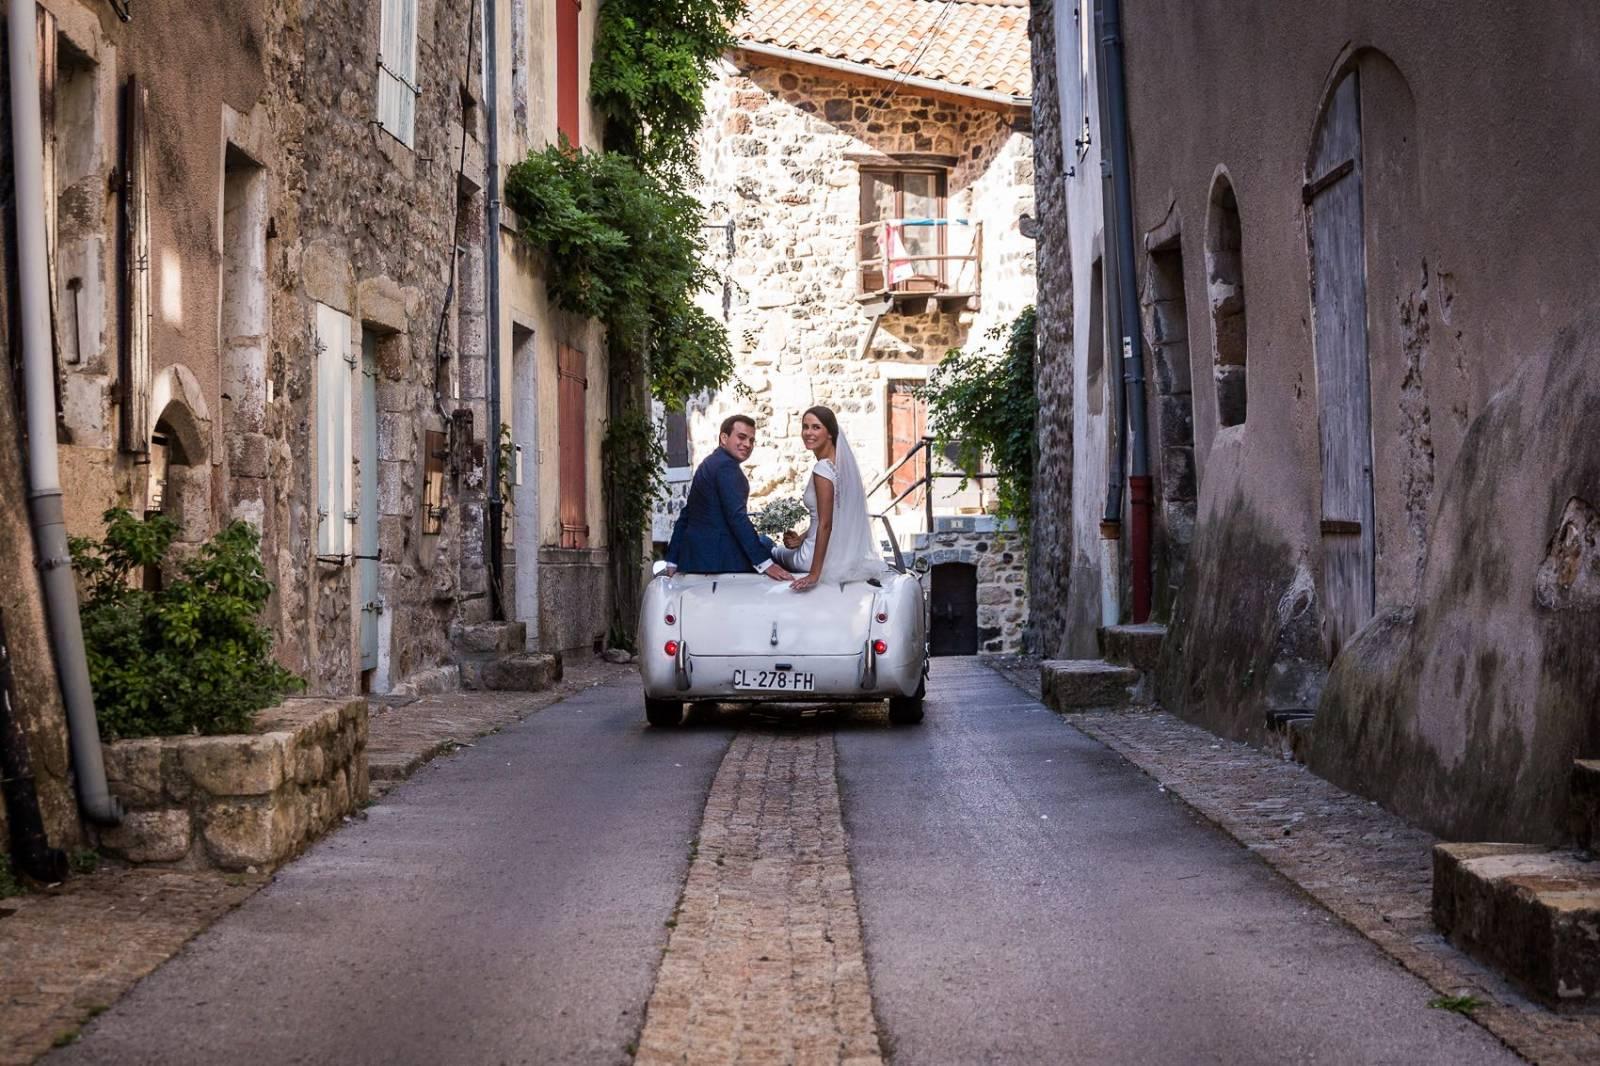 Cinderella Photographie - Trouwen in frankrijk - Huwelijksfotograaf - Trouwfotograaf - House of Weddings - 32